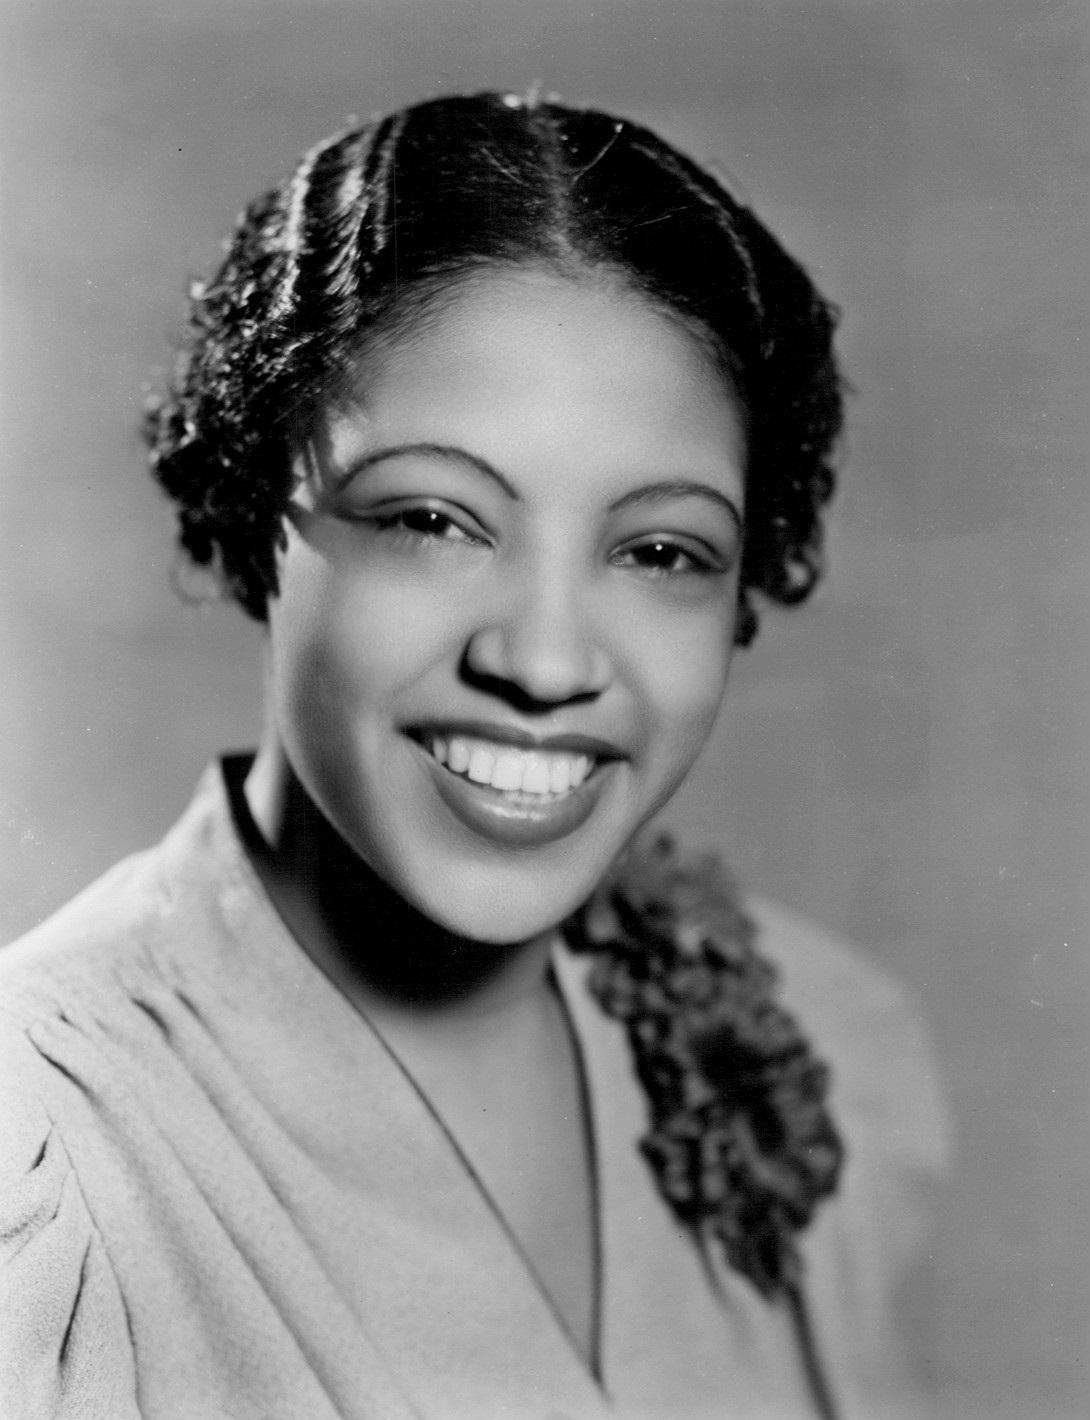 FROM THE VAULTS: Maxine Sullivan born 13 May 1911